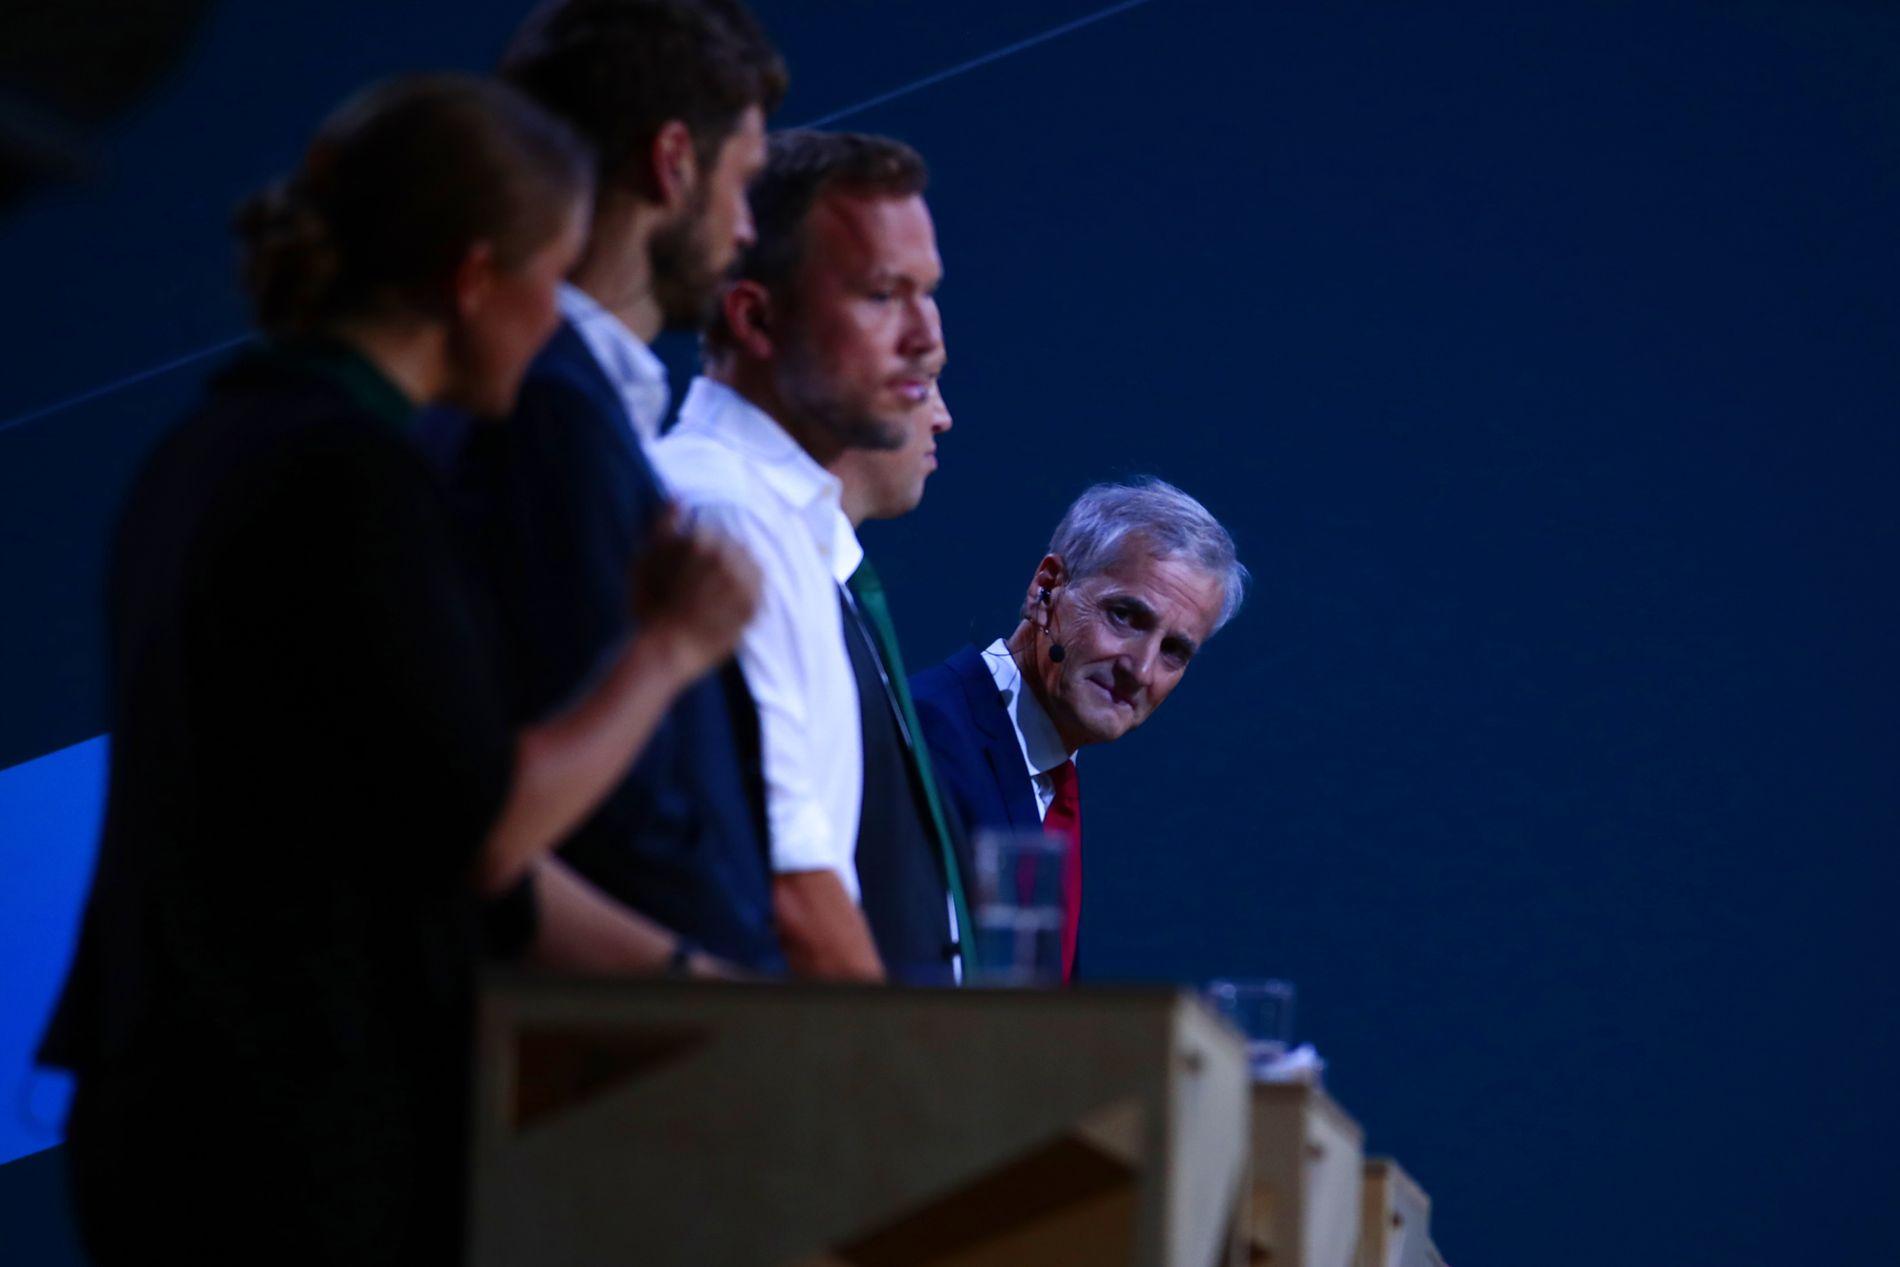 KOM TILBAKE: Støre forsvann lenge frå debatten, men fekk ei god avslutning då Kjell Ingolf Ropstad (KrF) inviterte til duell.